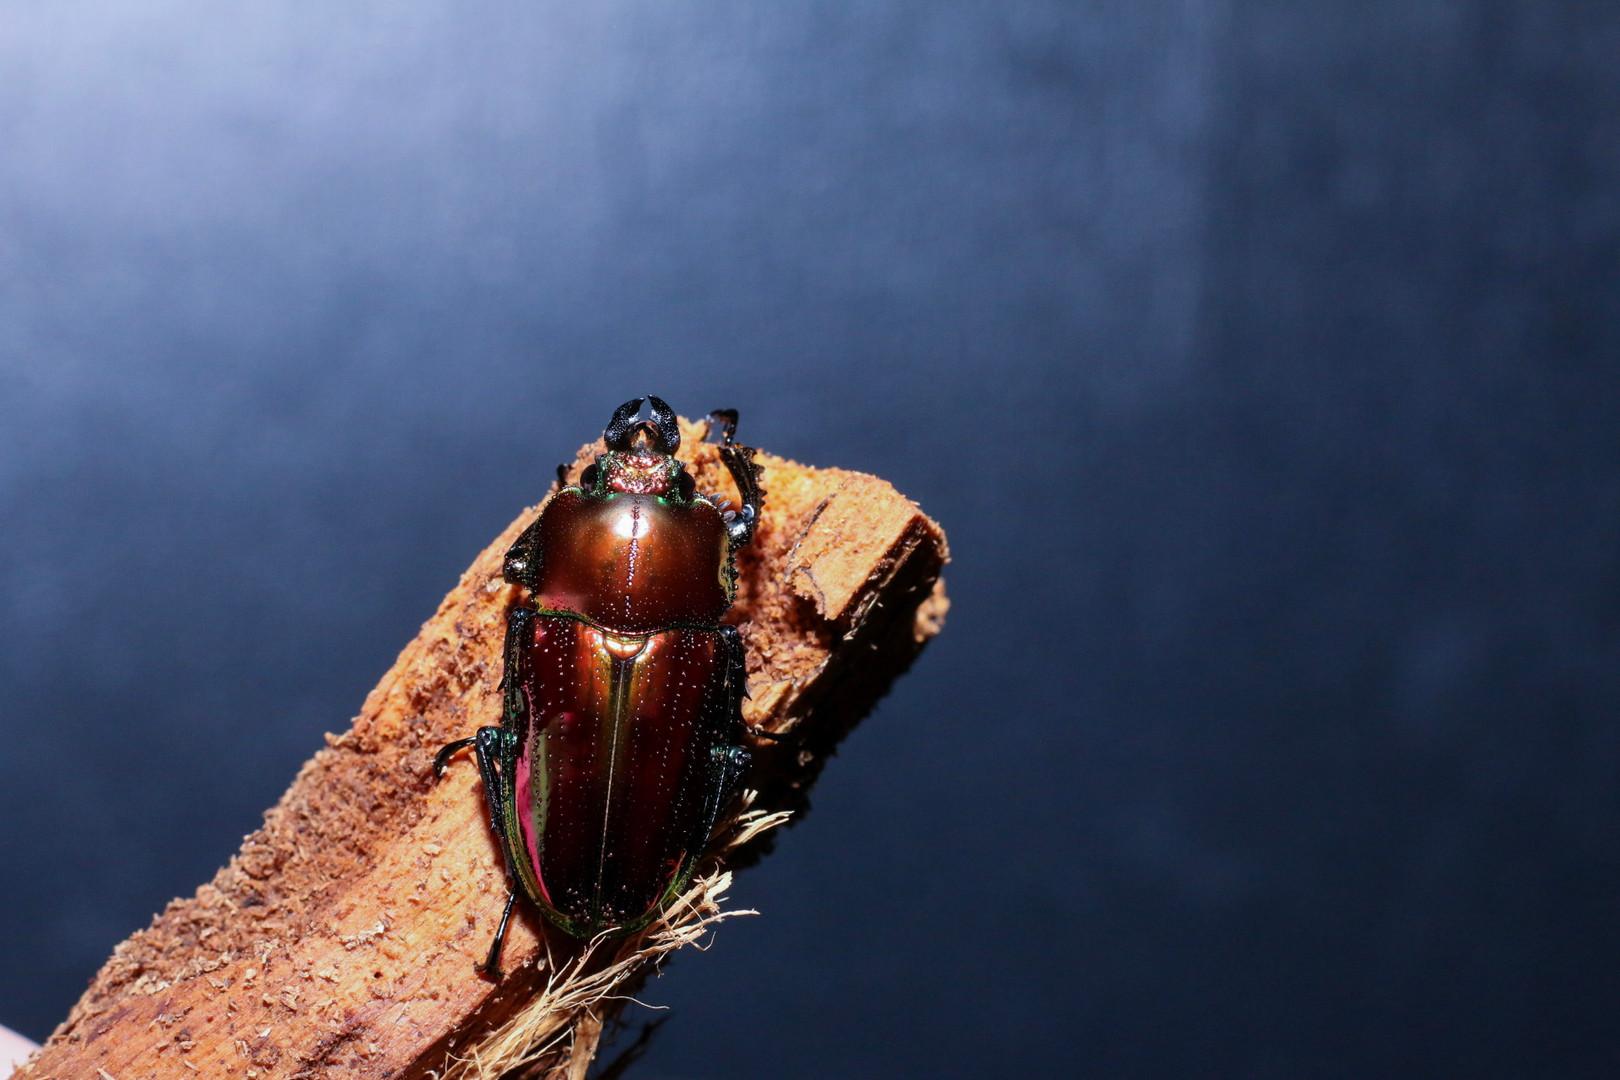 Rainbow Stag beetle Females